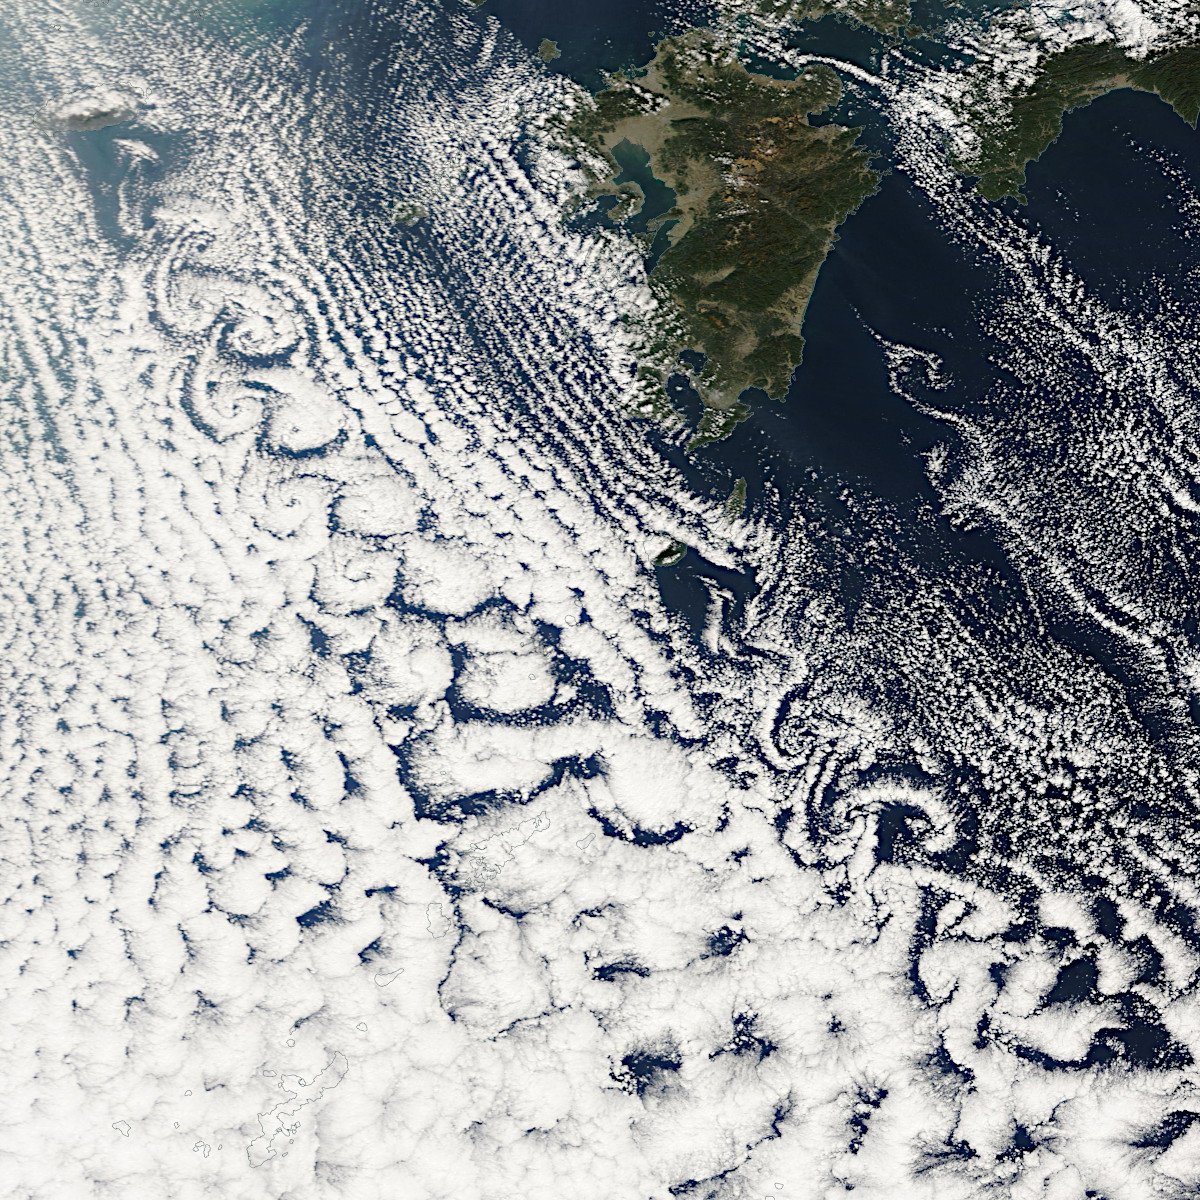 日本付近に現れたカルマン渦の衛星画像10選【特別企画】 | アストロピクス